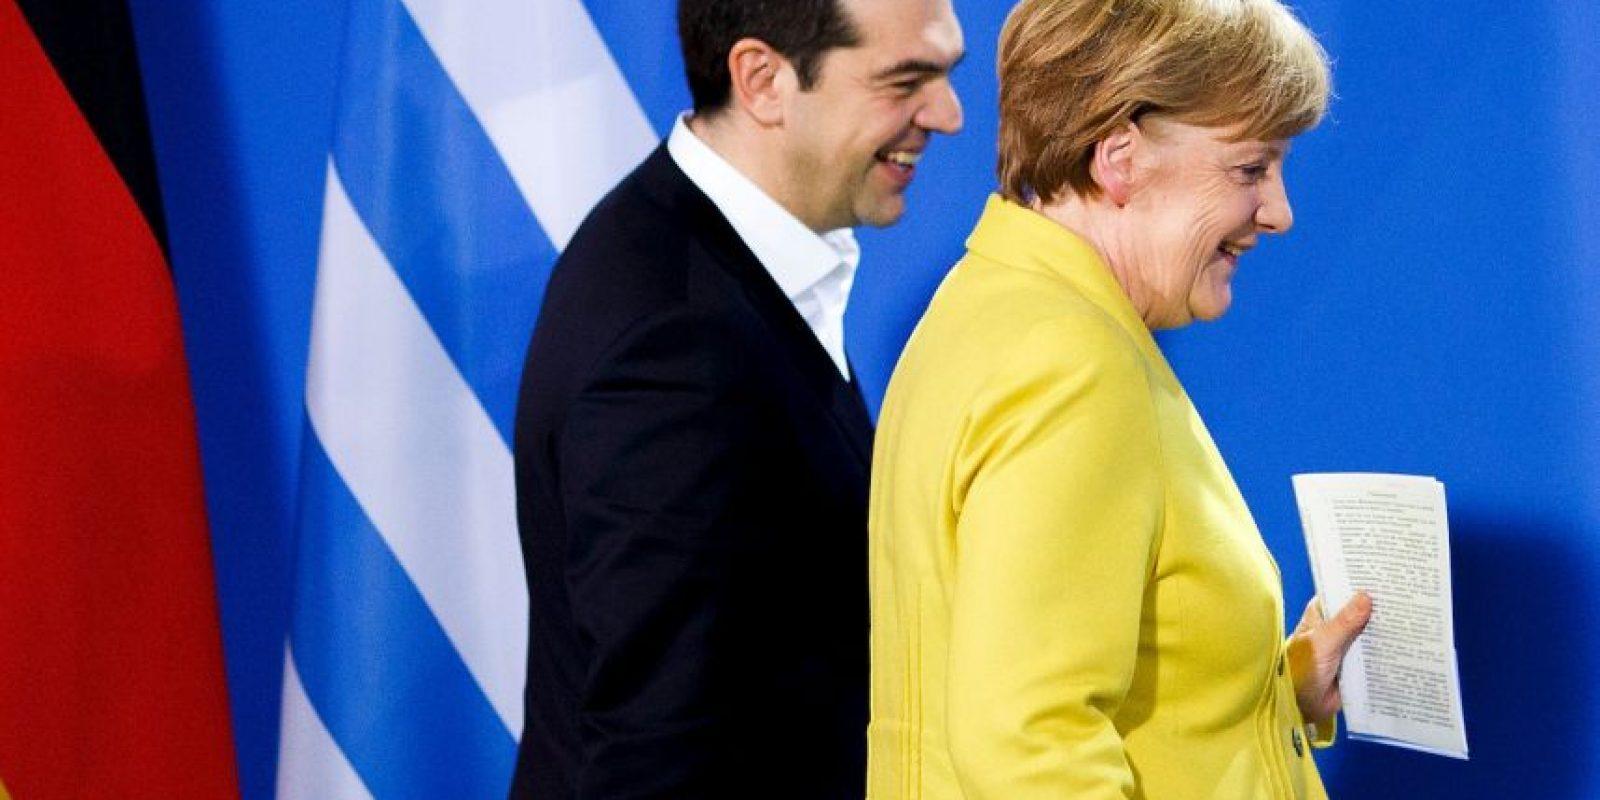 """10. """"Ante el autoritarismo y la austeridad inflexible, responderemos con democracia, en calma y decisivamente"""". Foto:Getty Images"""